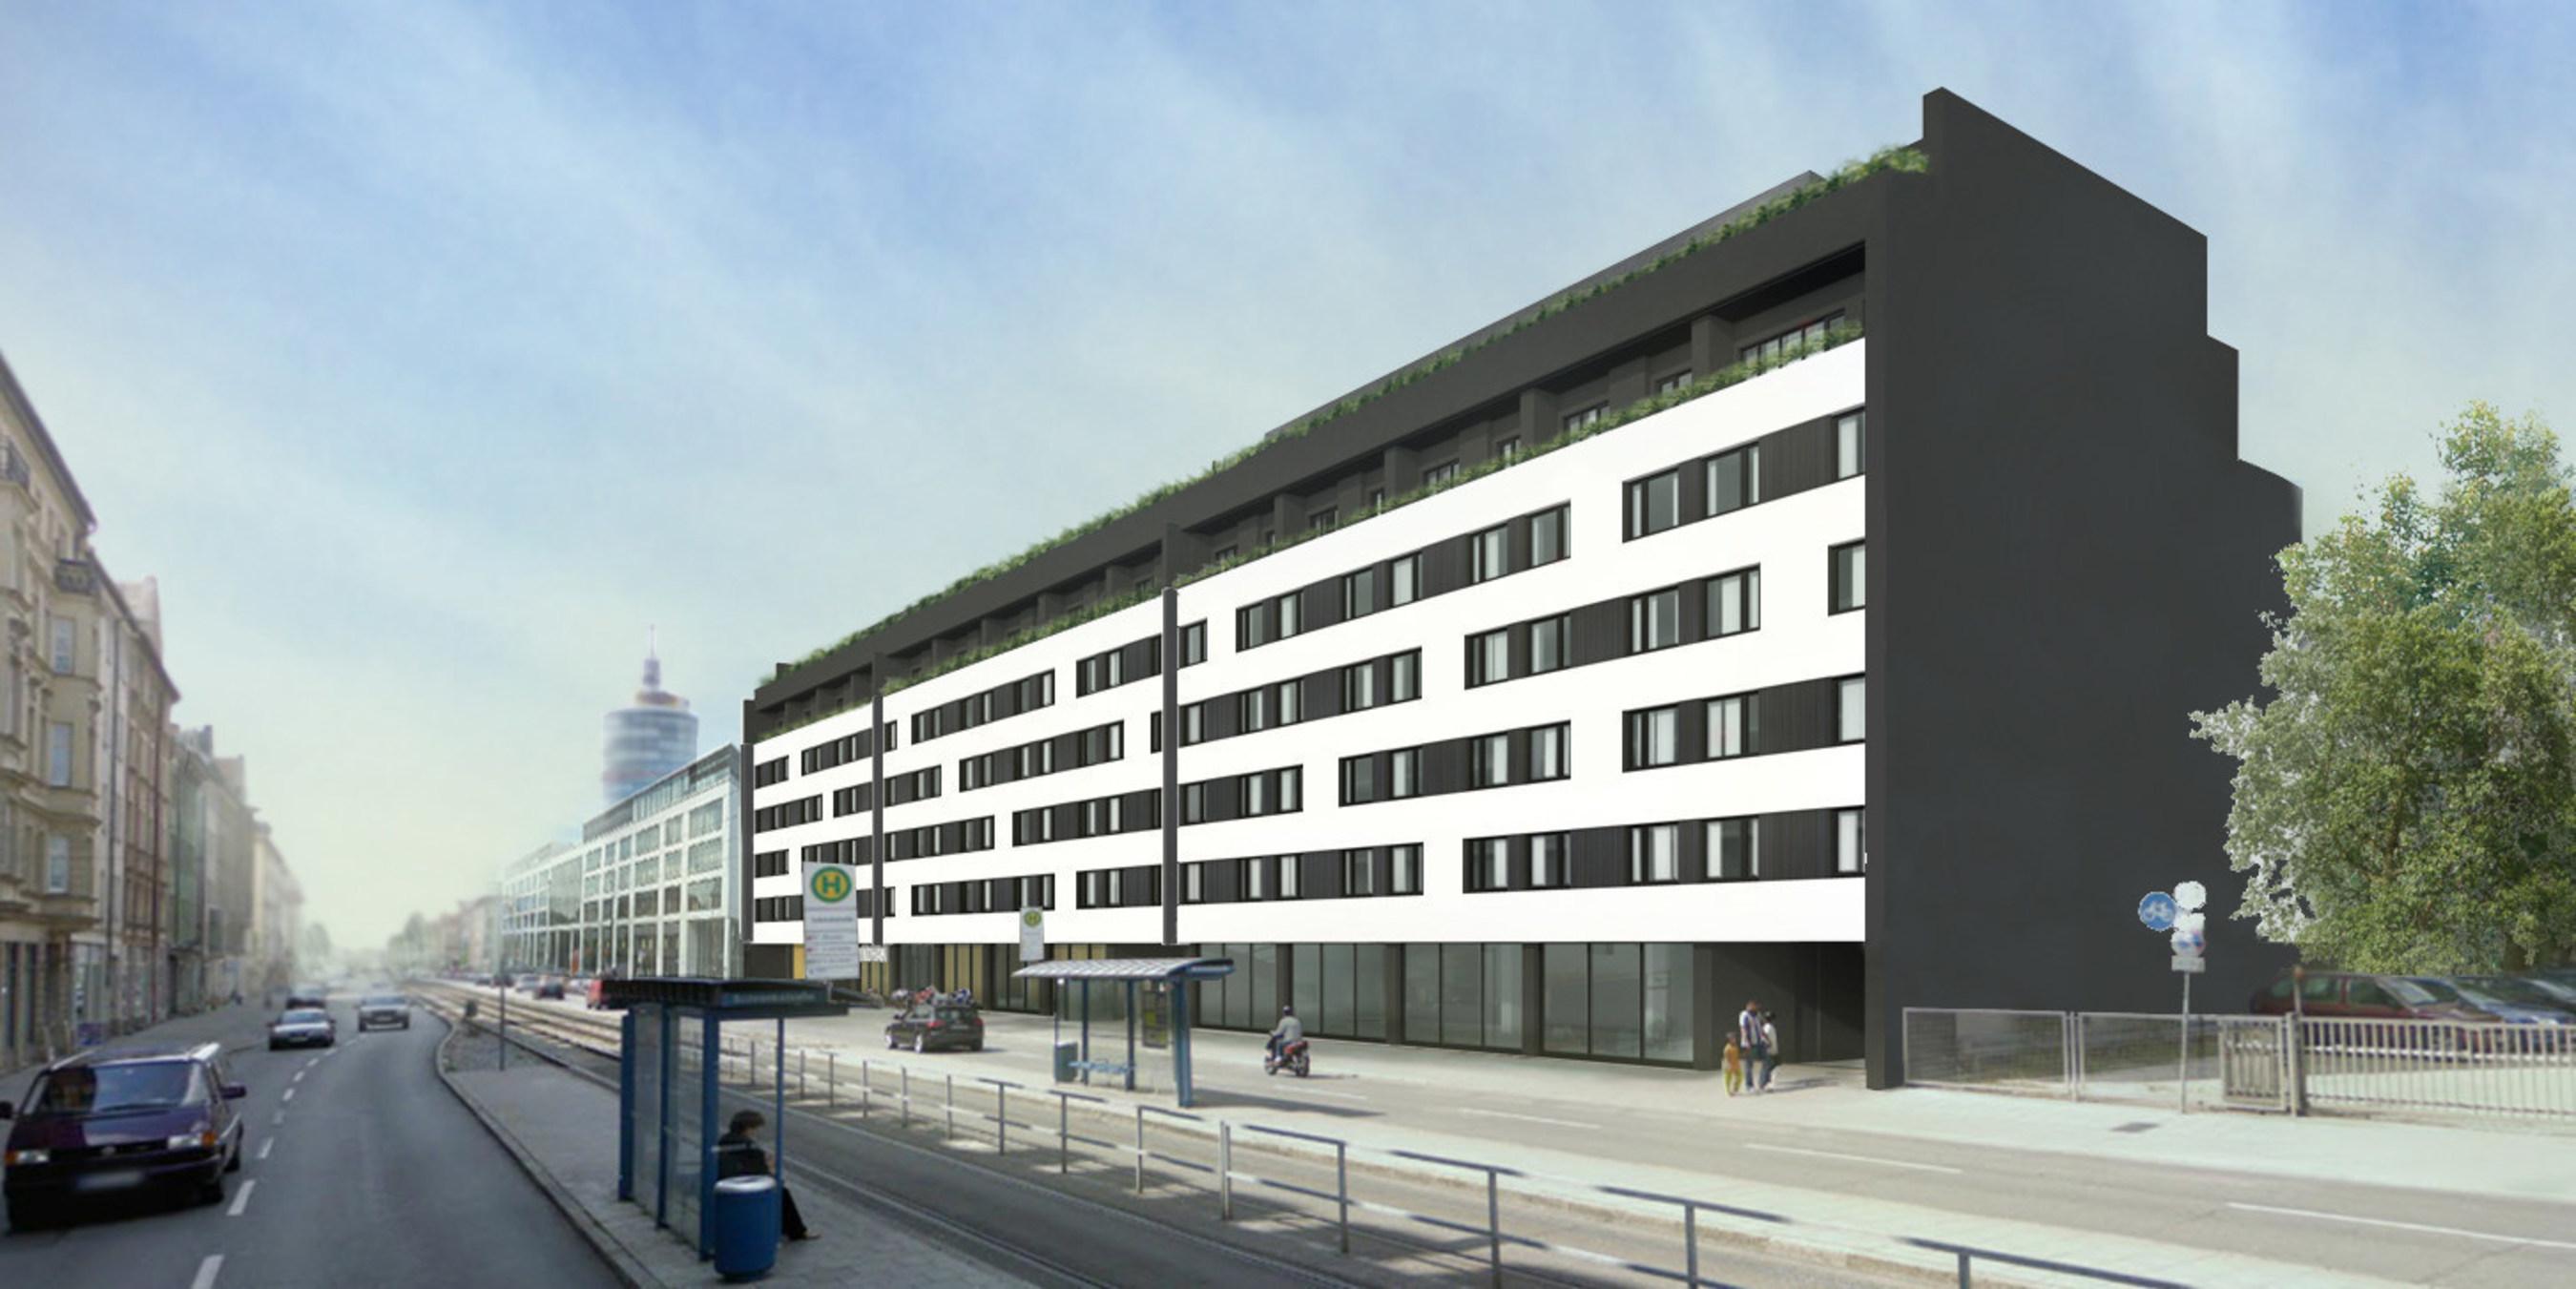 CPA:18 - Global finanziert neues Hotelprojekt im Wert von EUR 76 Millionen in München, Deutschland